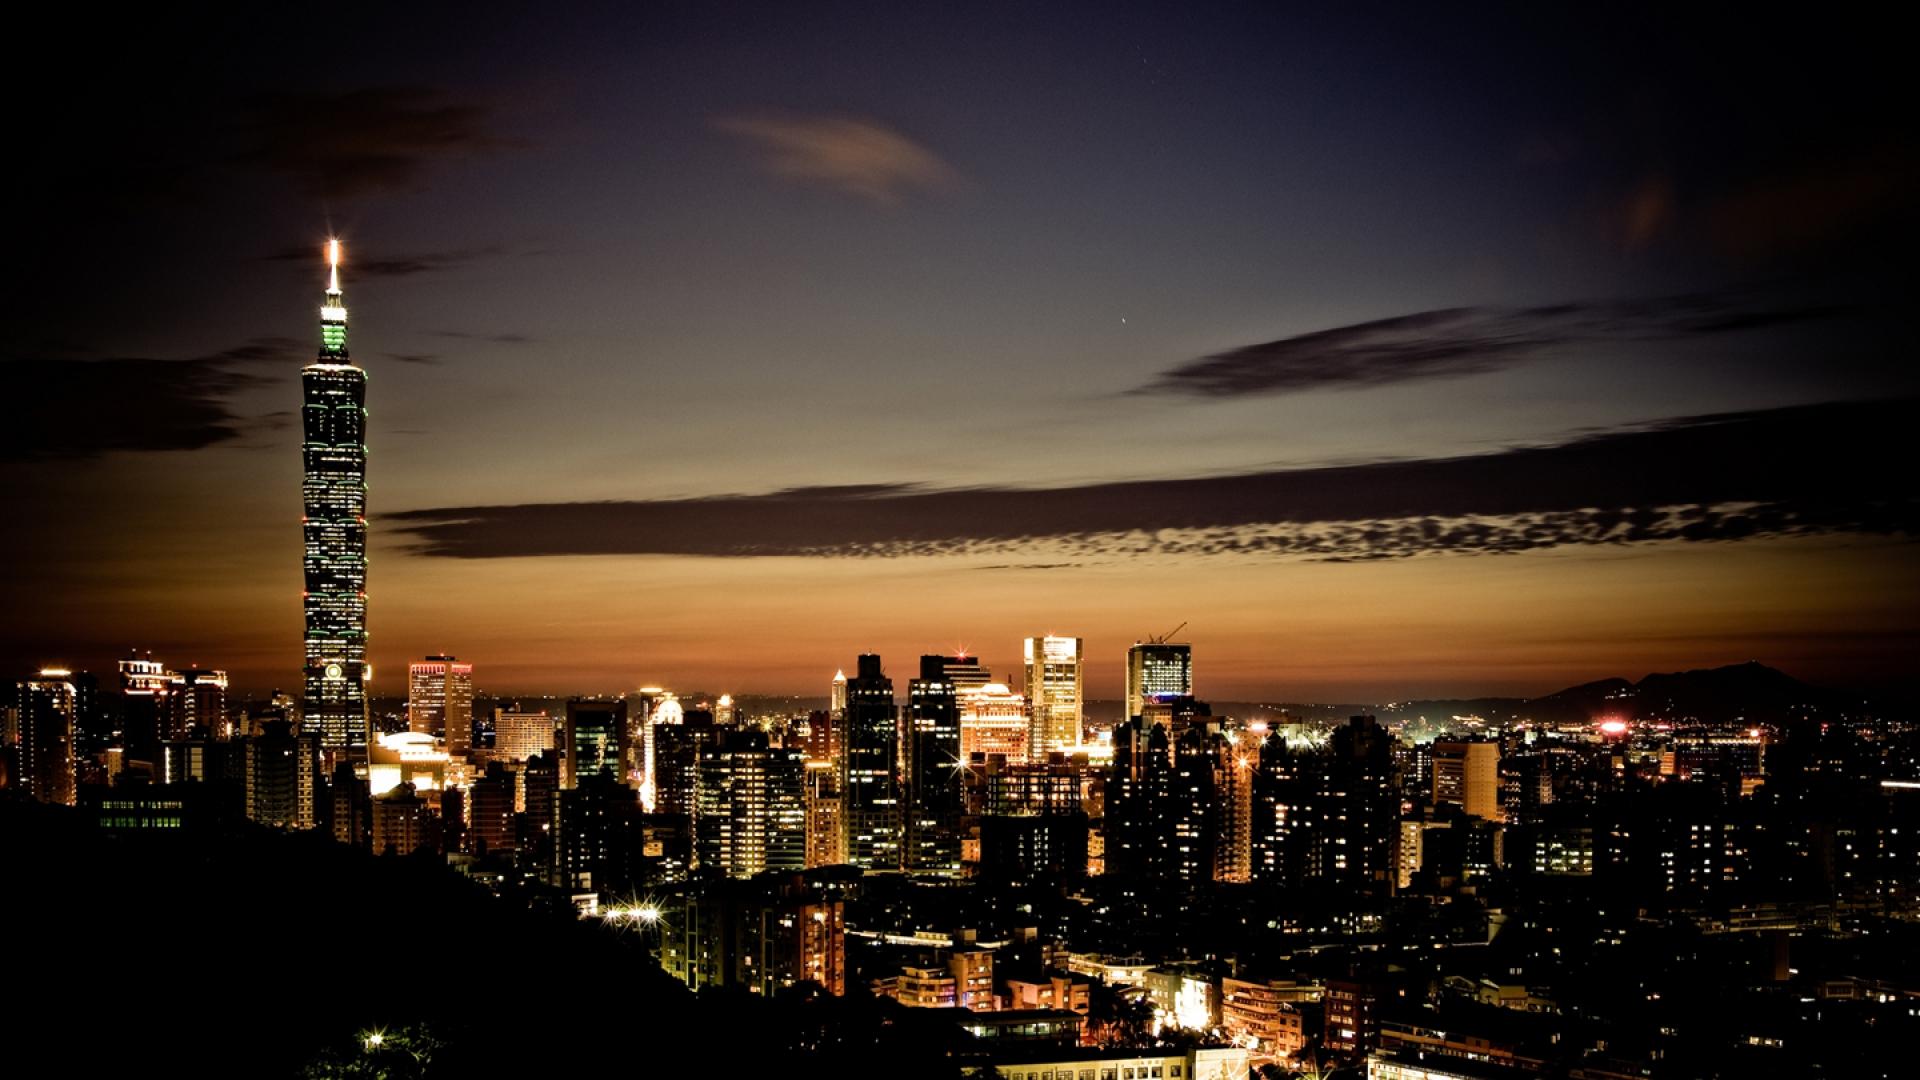 City Night Wallpapers Wallpapersafari